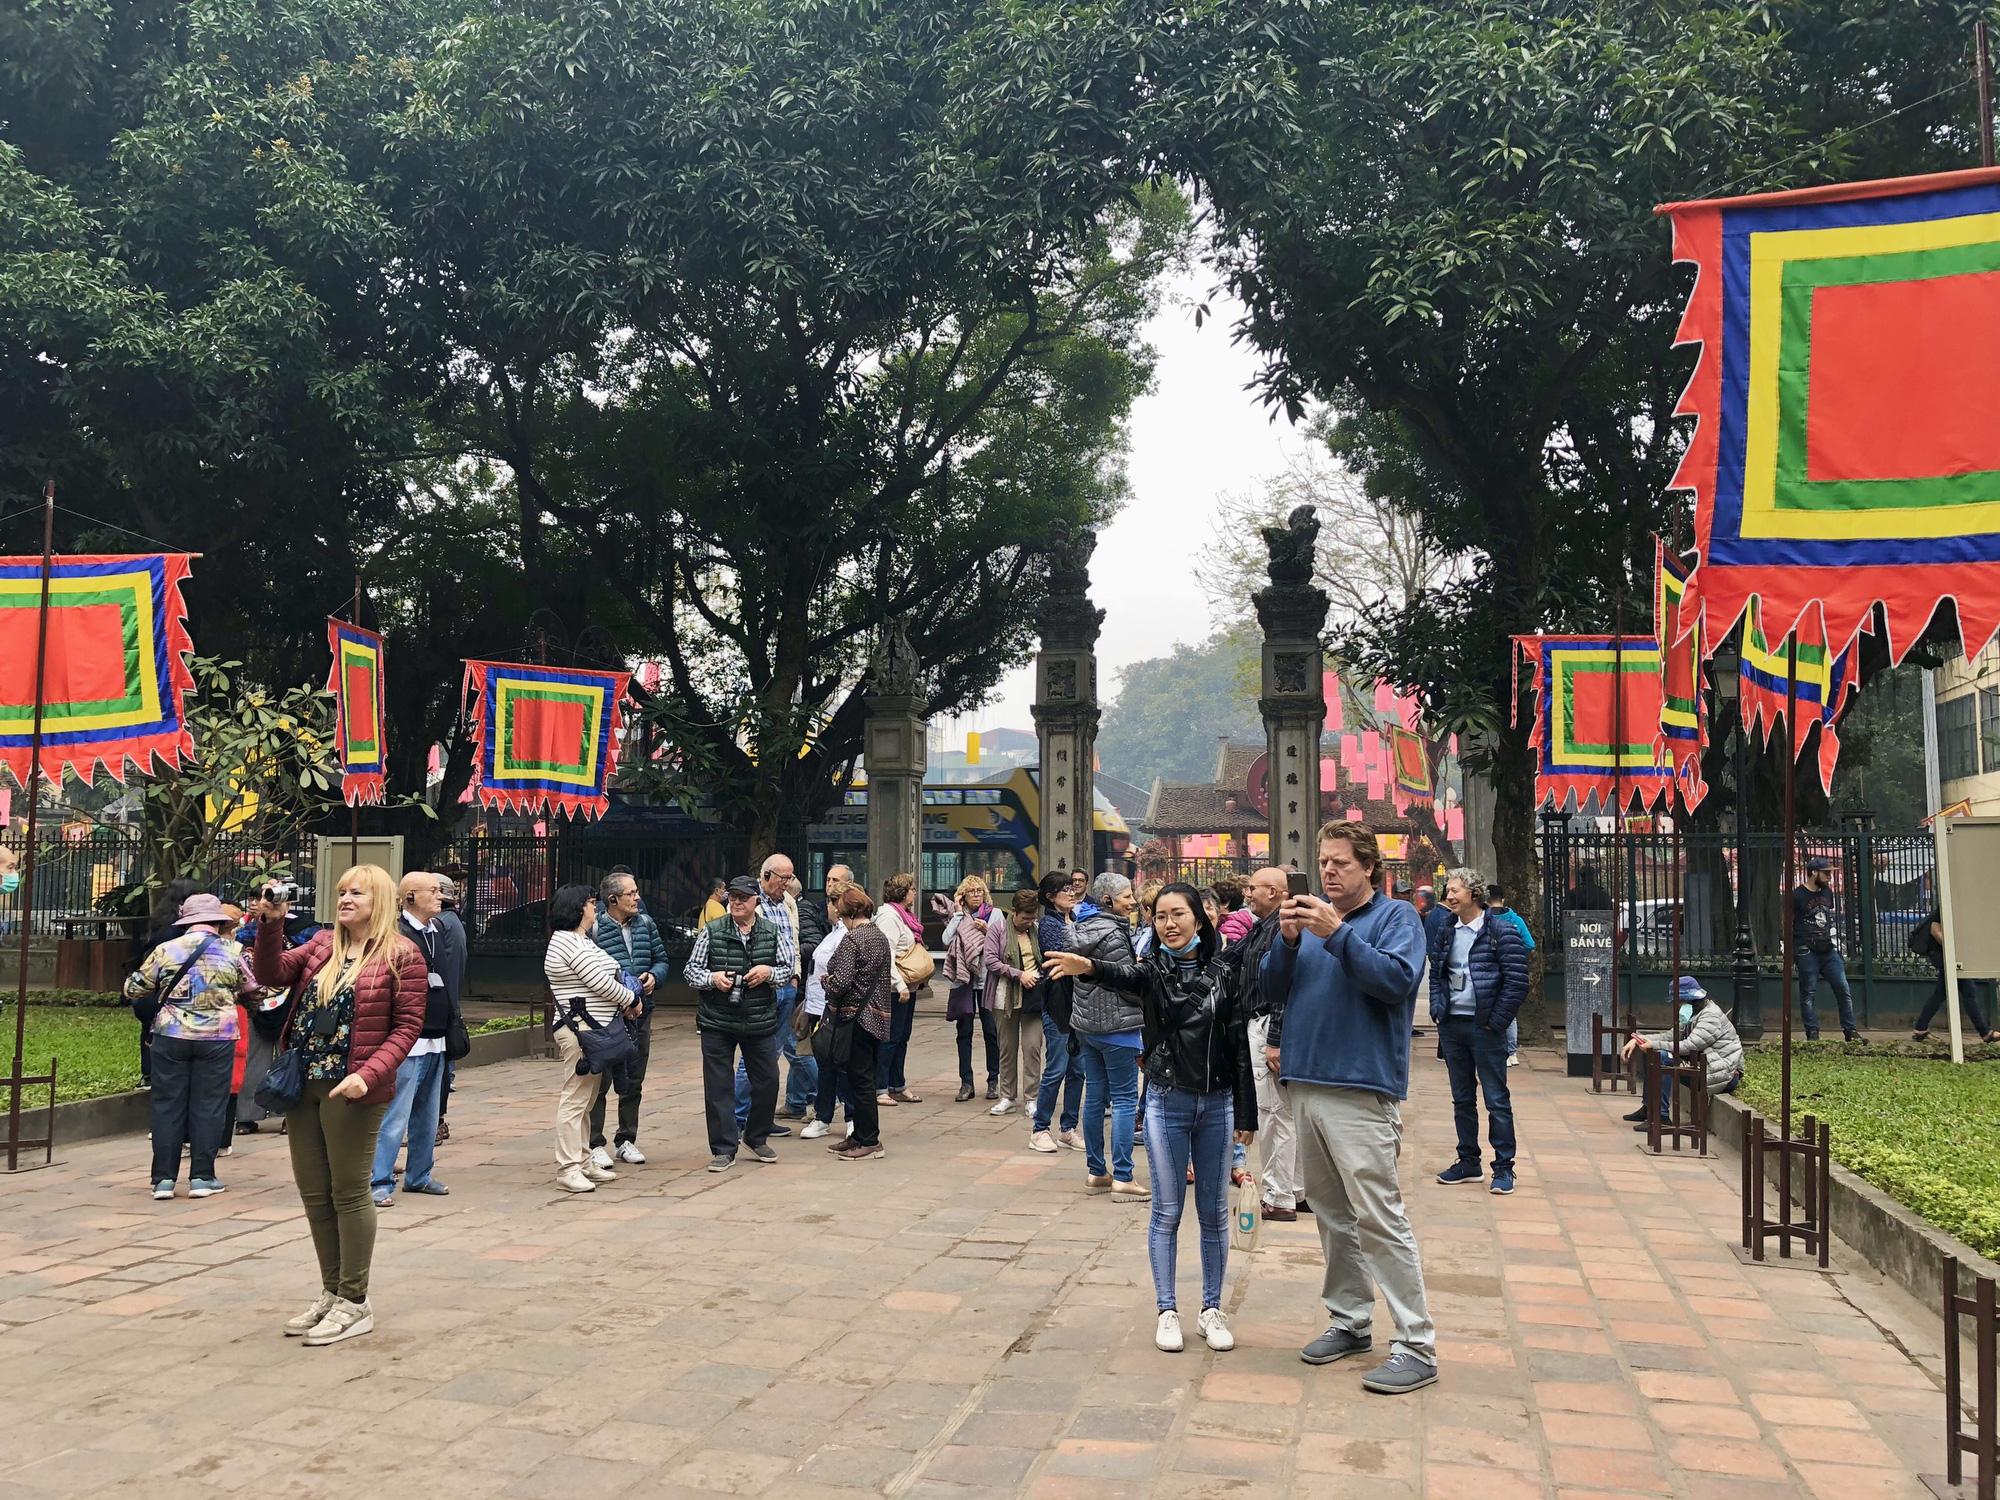 Giám đốc Công ty lữ hành Hanoitourist: Có thể khép kín chu trình tour cho khách quốc tế để đảm bảo an toàn - Ảnh 3.